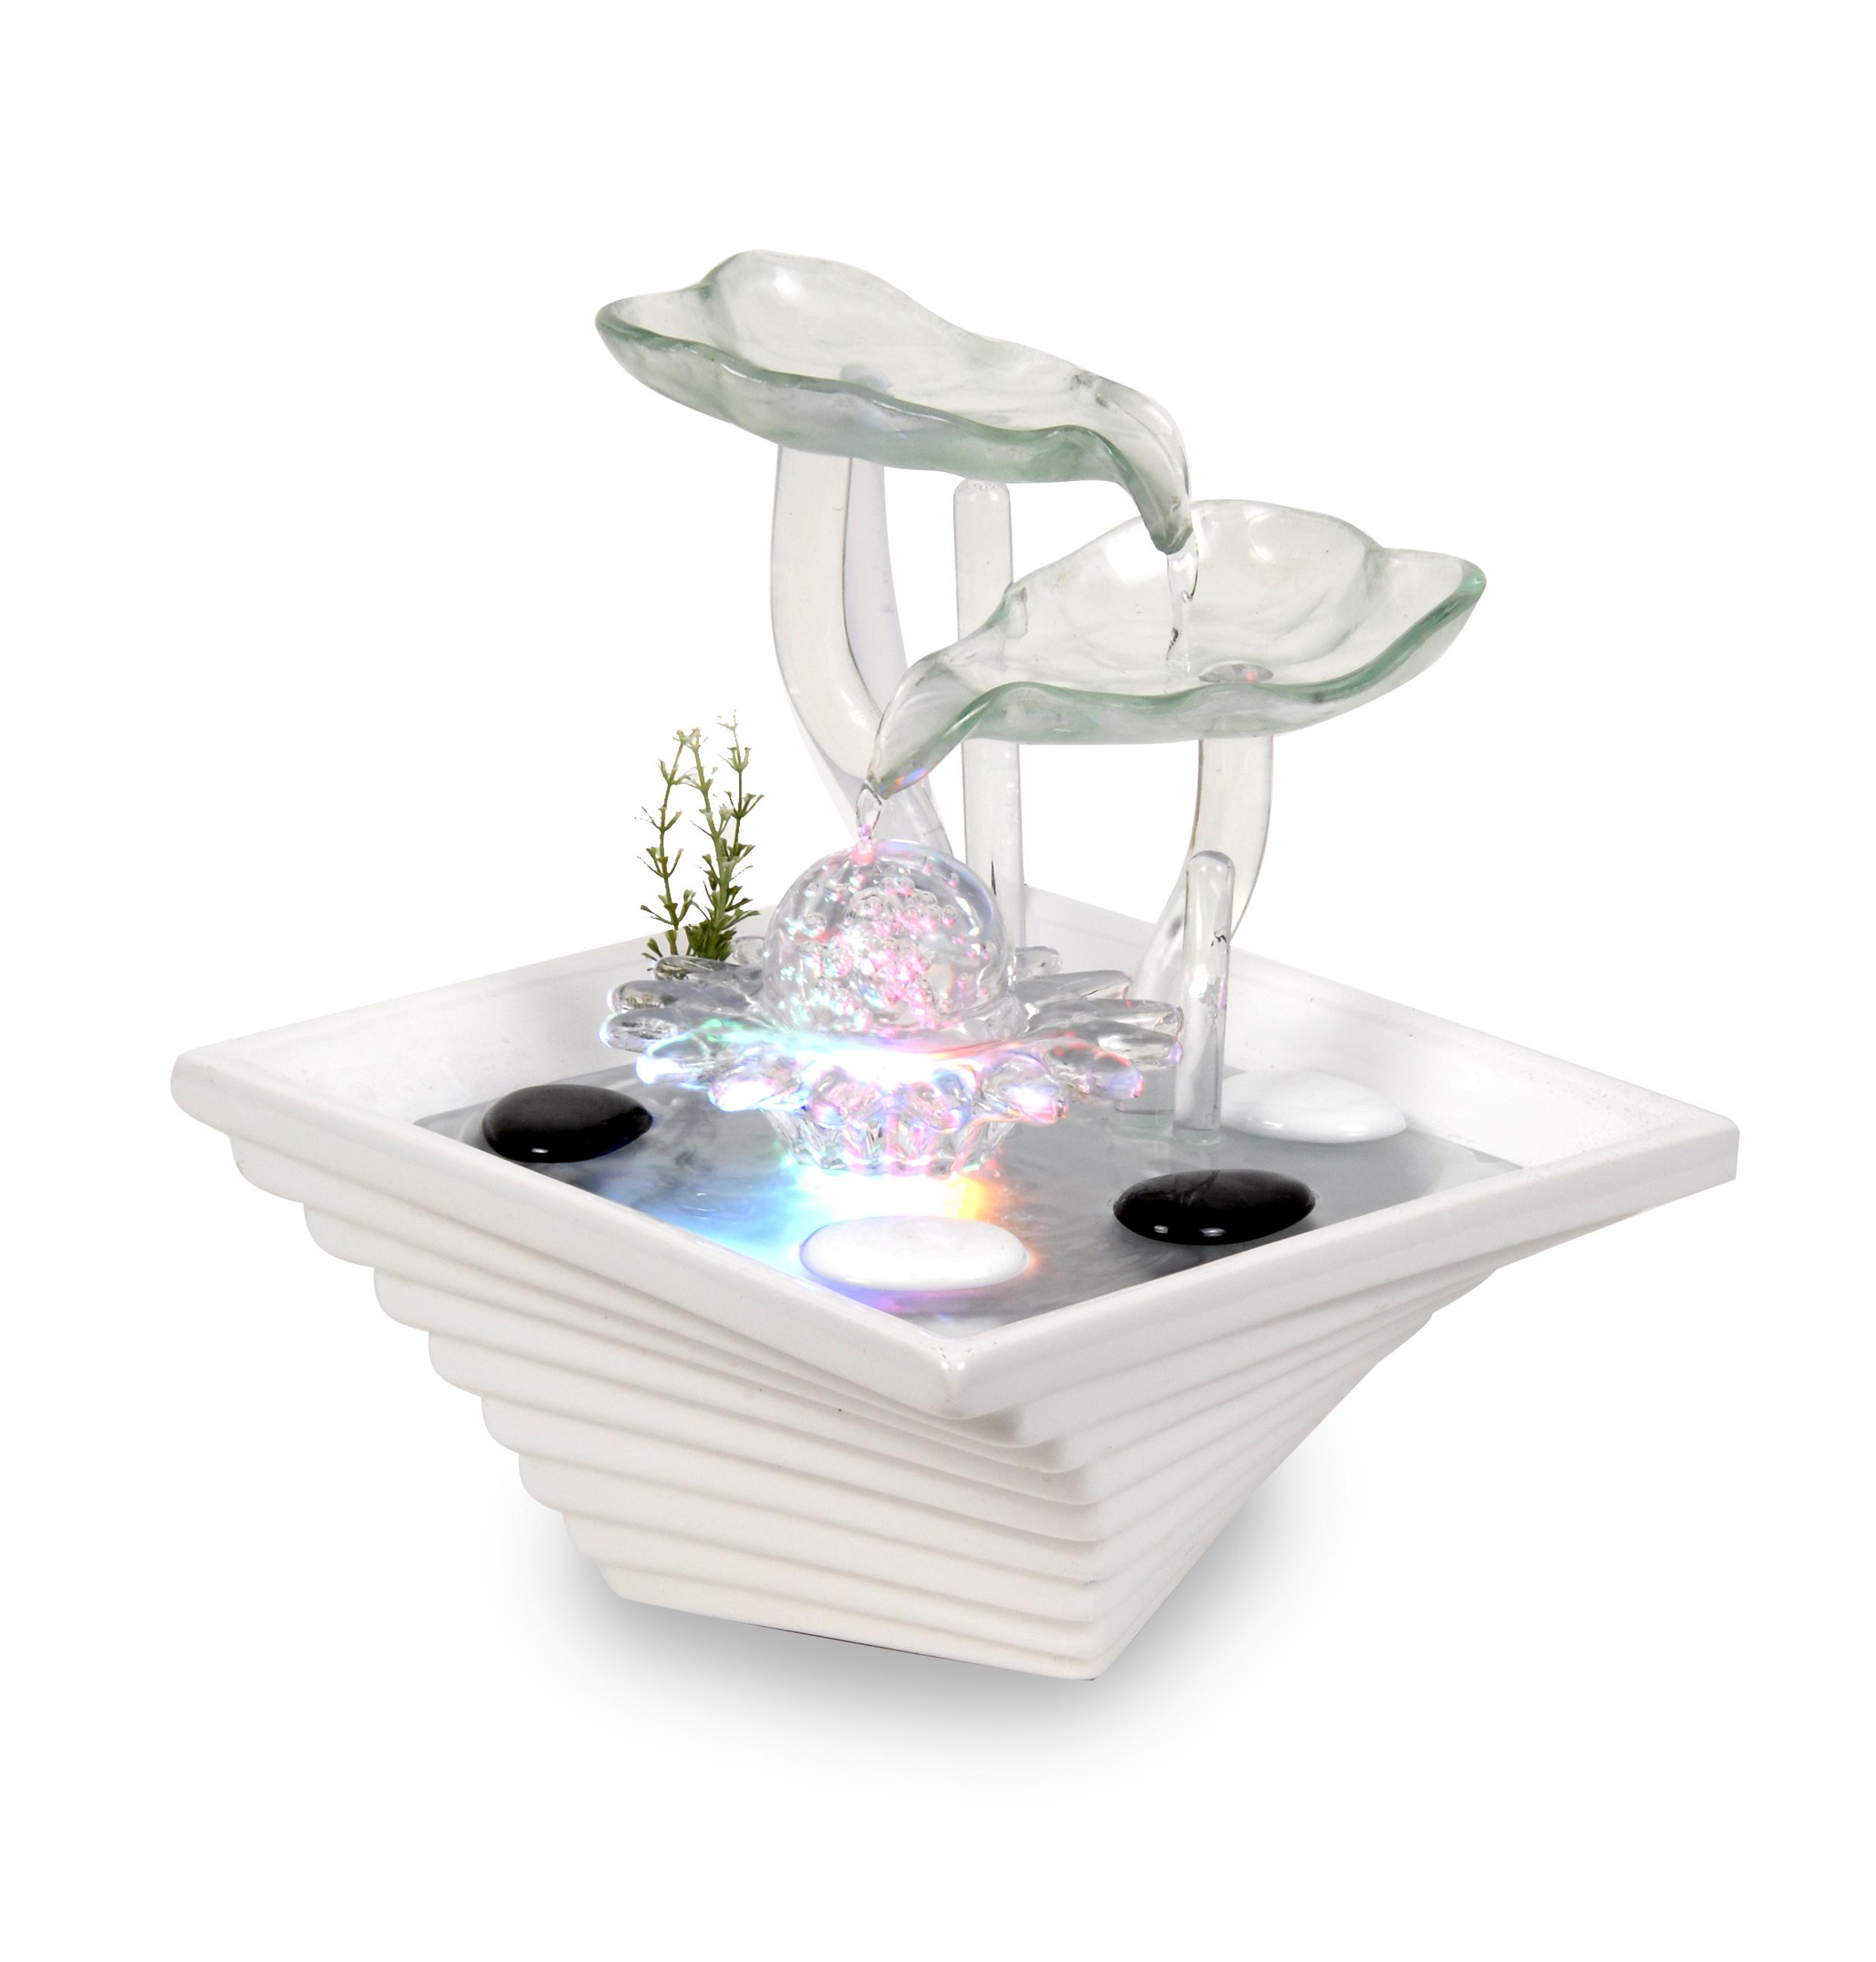 WeiVa Feng Shui Keramik   Glas Zimmerbrunnen Mit LED Beleuchtung 220171